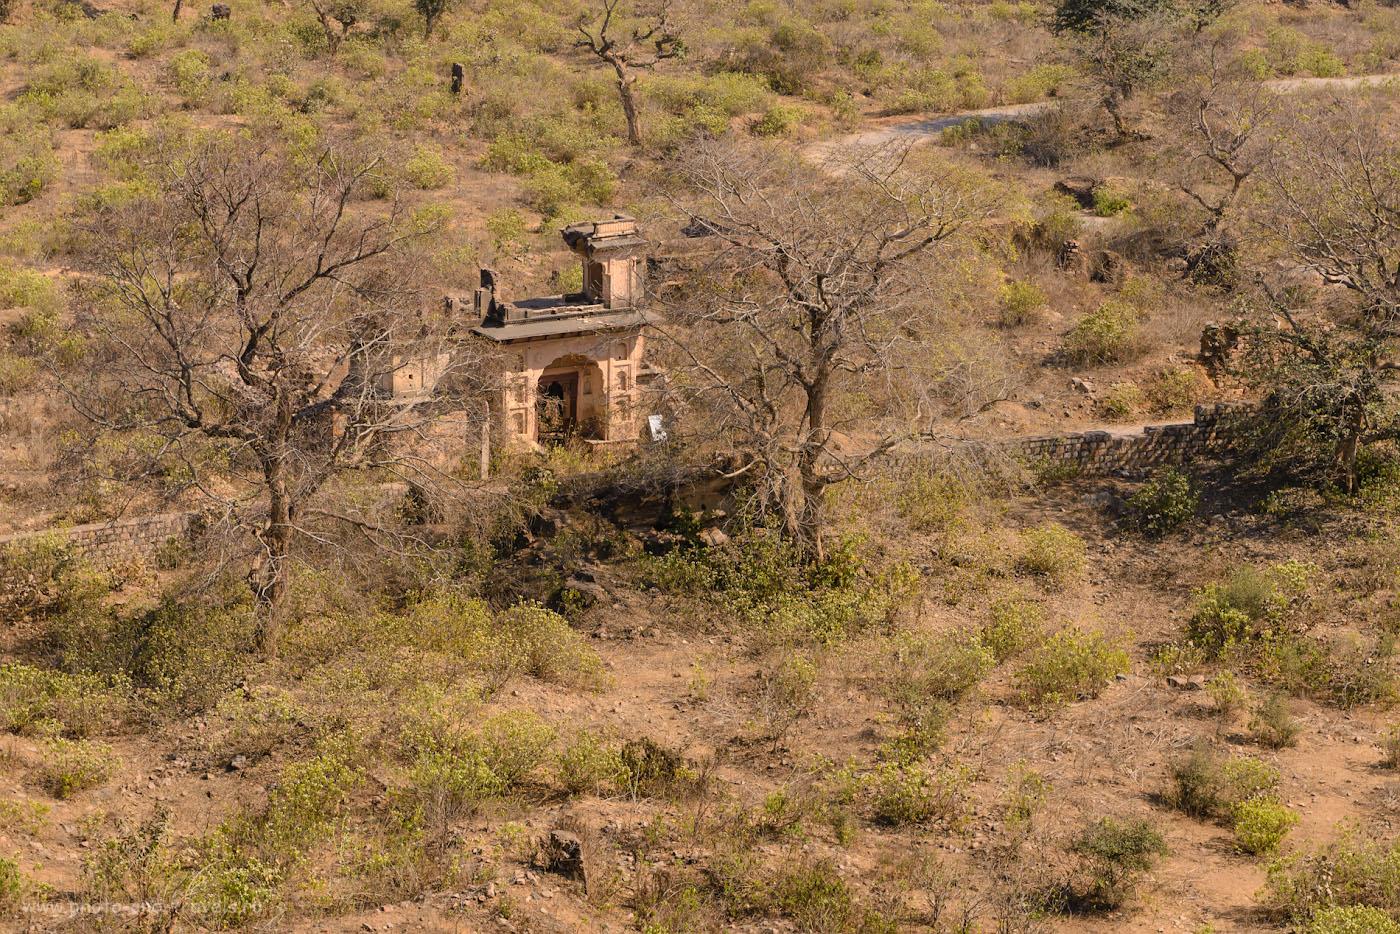 Фотография 10. Развалины в саду дворца Джахангир-Махал. Отчет о самостоятельной поездке в Индию.